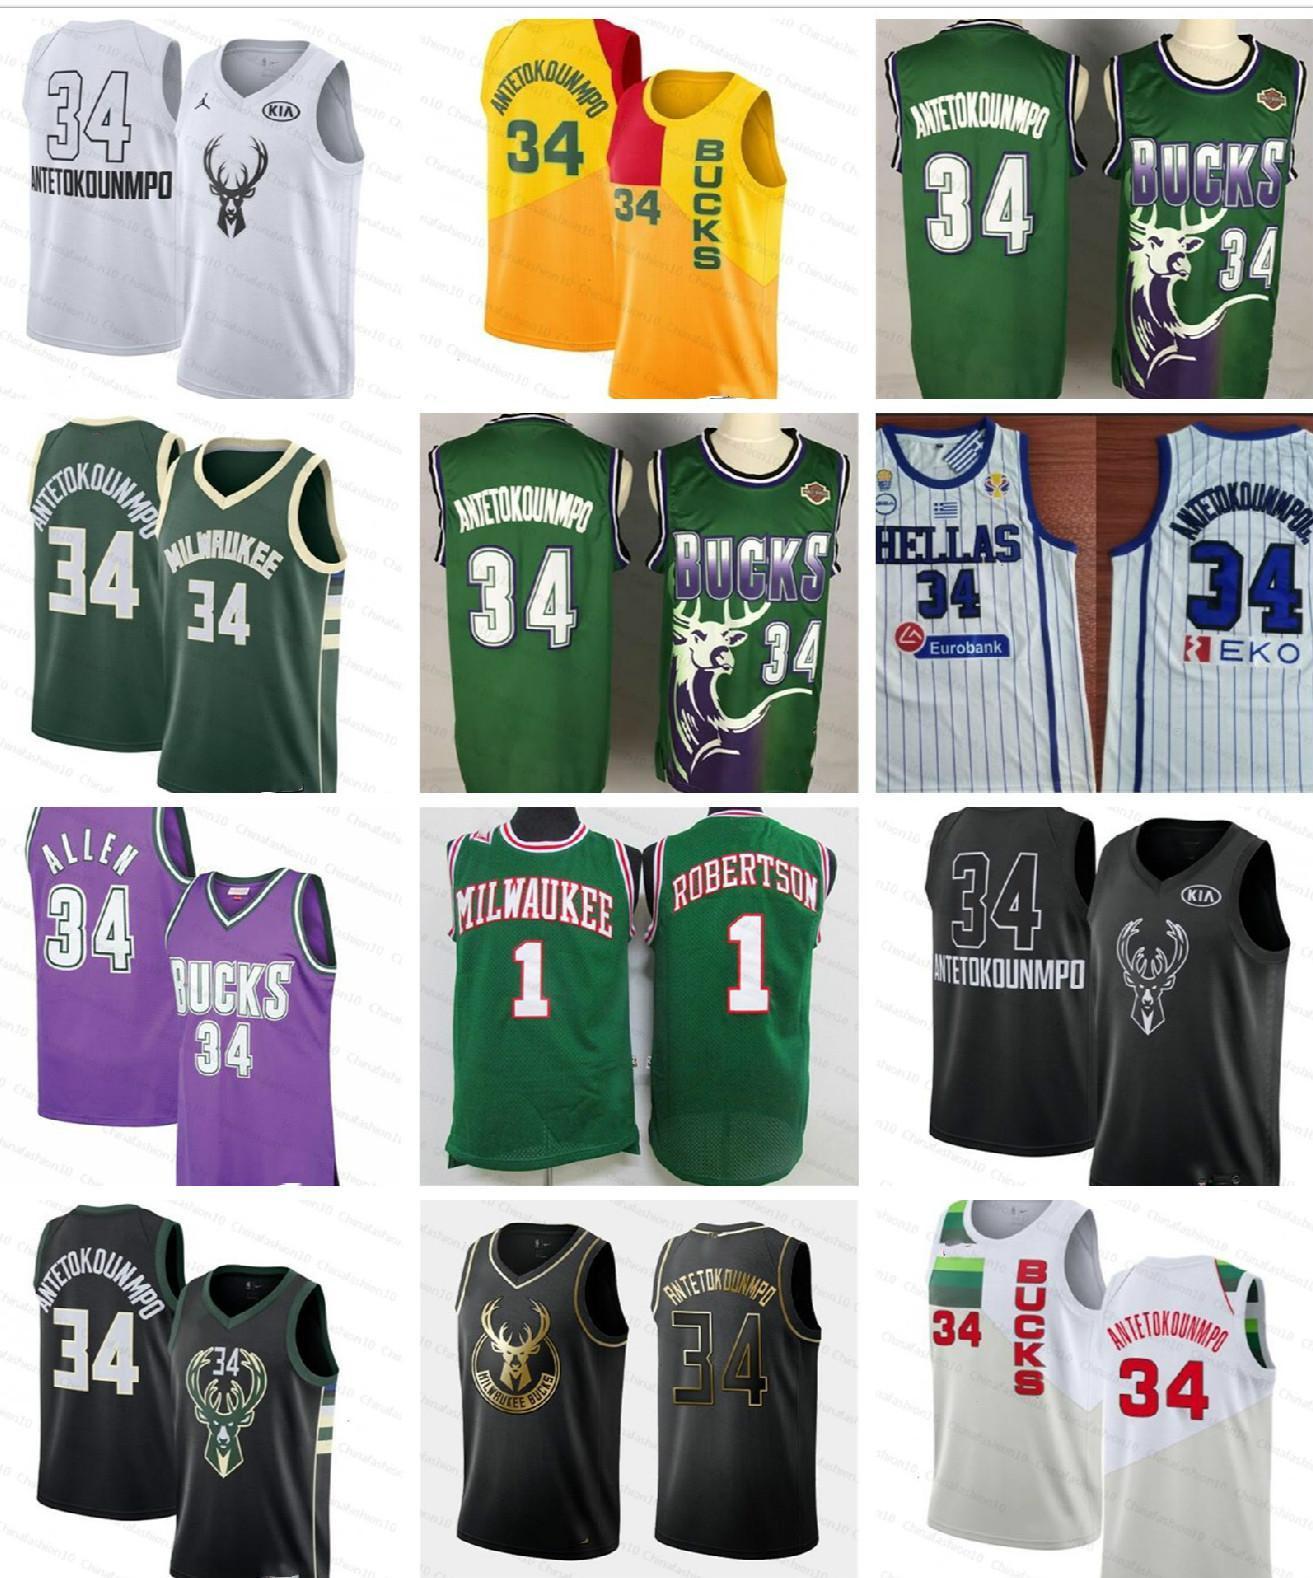 Neue grüne Vintage Männer Giannis 34 Antetokounmpo Jersey Ray 34 Allen Oscar 1 Robertson genähtes Basketball Jerseys MilwaukeeBucksnba